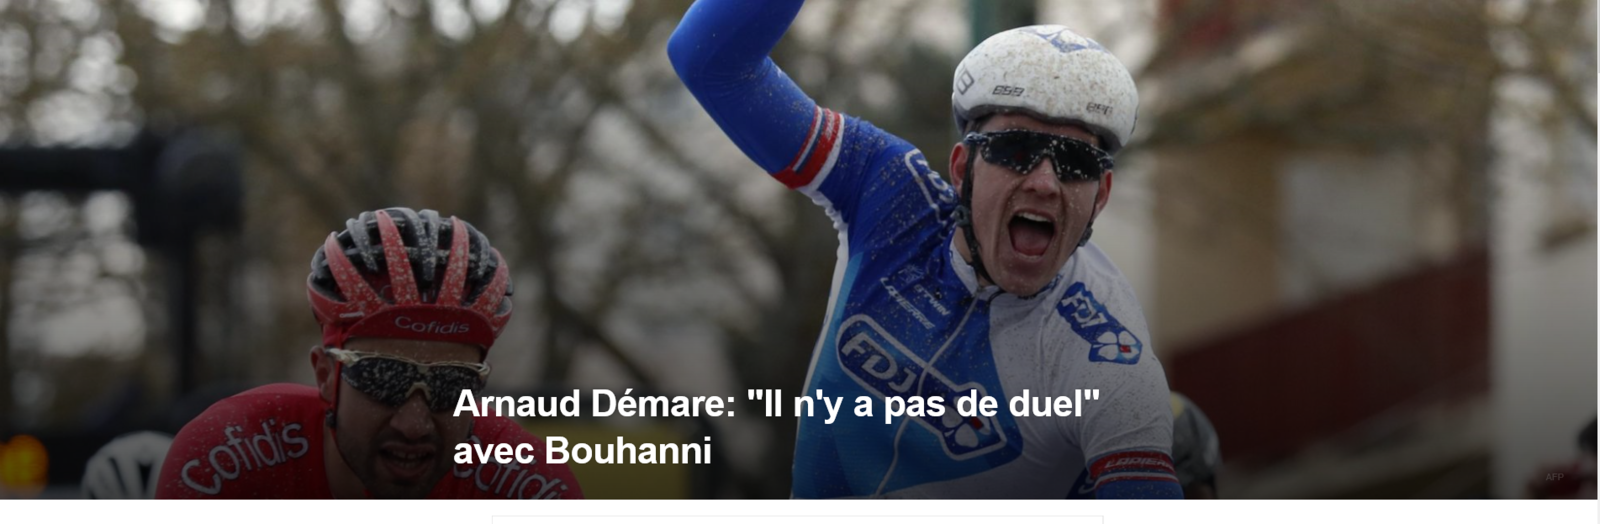 """Arnaud Démare: """"Il n'y a pas de duel"""" avec Bouhanni Arnaud Démare: """"Il n'y a pas de duel"""" avec Bouhanni Arnaud Démare: """"Il n'y a pas de duel"""" avec Bouhanni - PARIS - NICE - Arnaud Démare a coupé court à l'hypothèse d'un """"duel"""" avec Nacer Bouhanni, son..."""